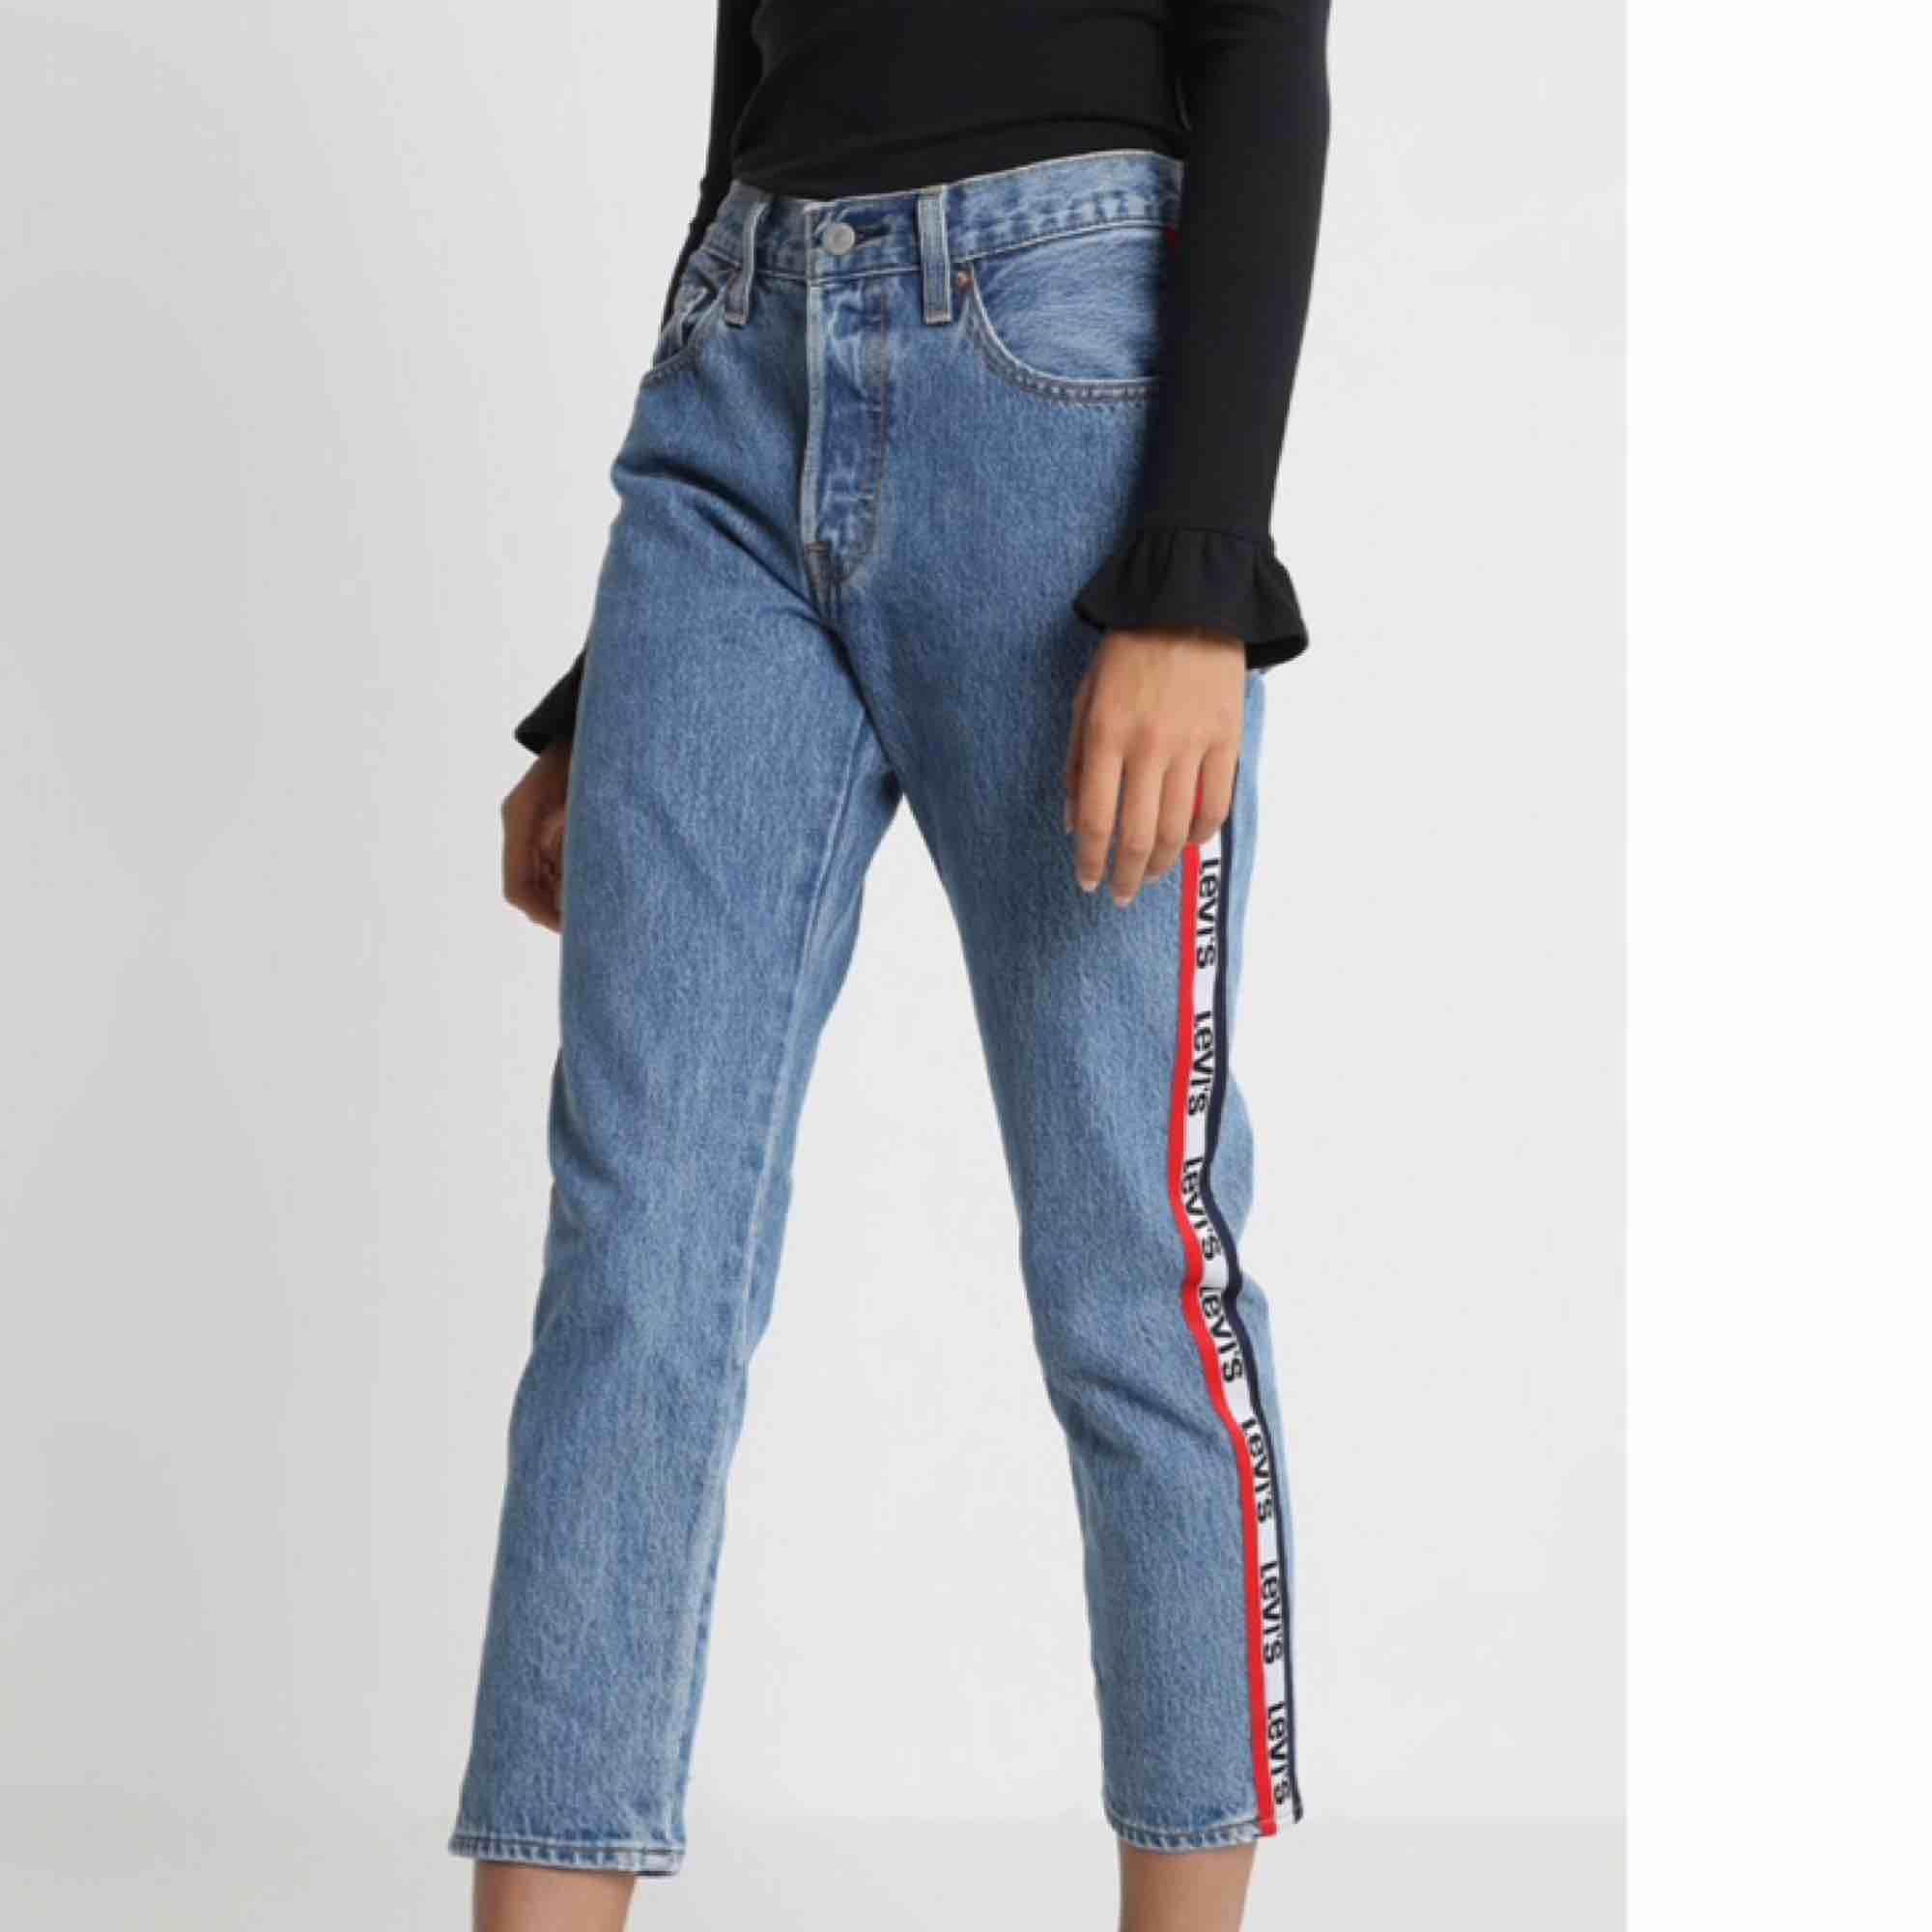 Supersnygga och coola jeans från Levis. Modell: 501 cropped - straight leg. Hög midja. Beninnerlängd: 63 cm. Benytterlängd: 90 cm. Köpta nyligen så knappt använda. Har för många jeans så dessa förtjänar ett nytt hem :) . Jeans & Byxor.